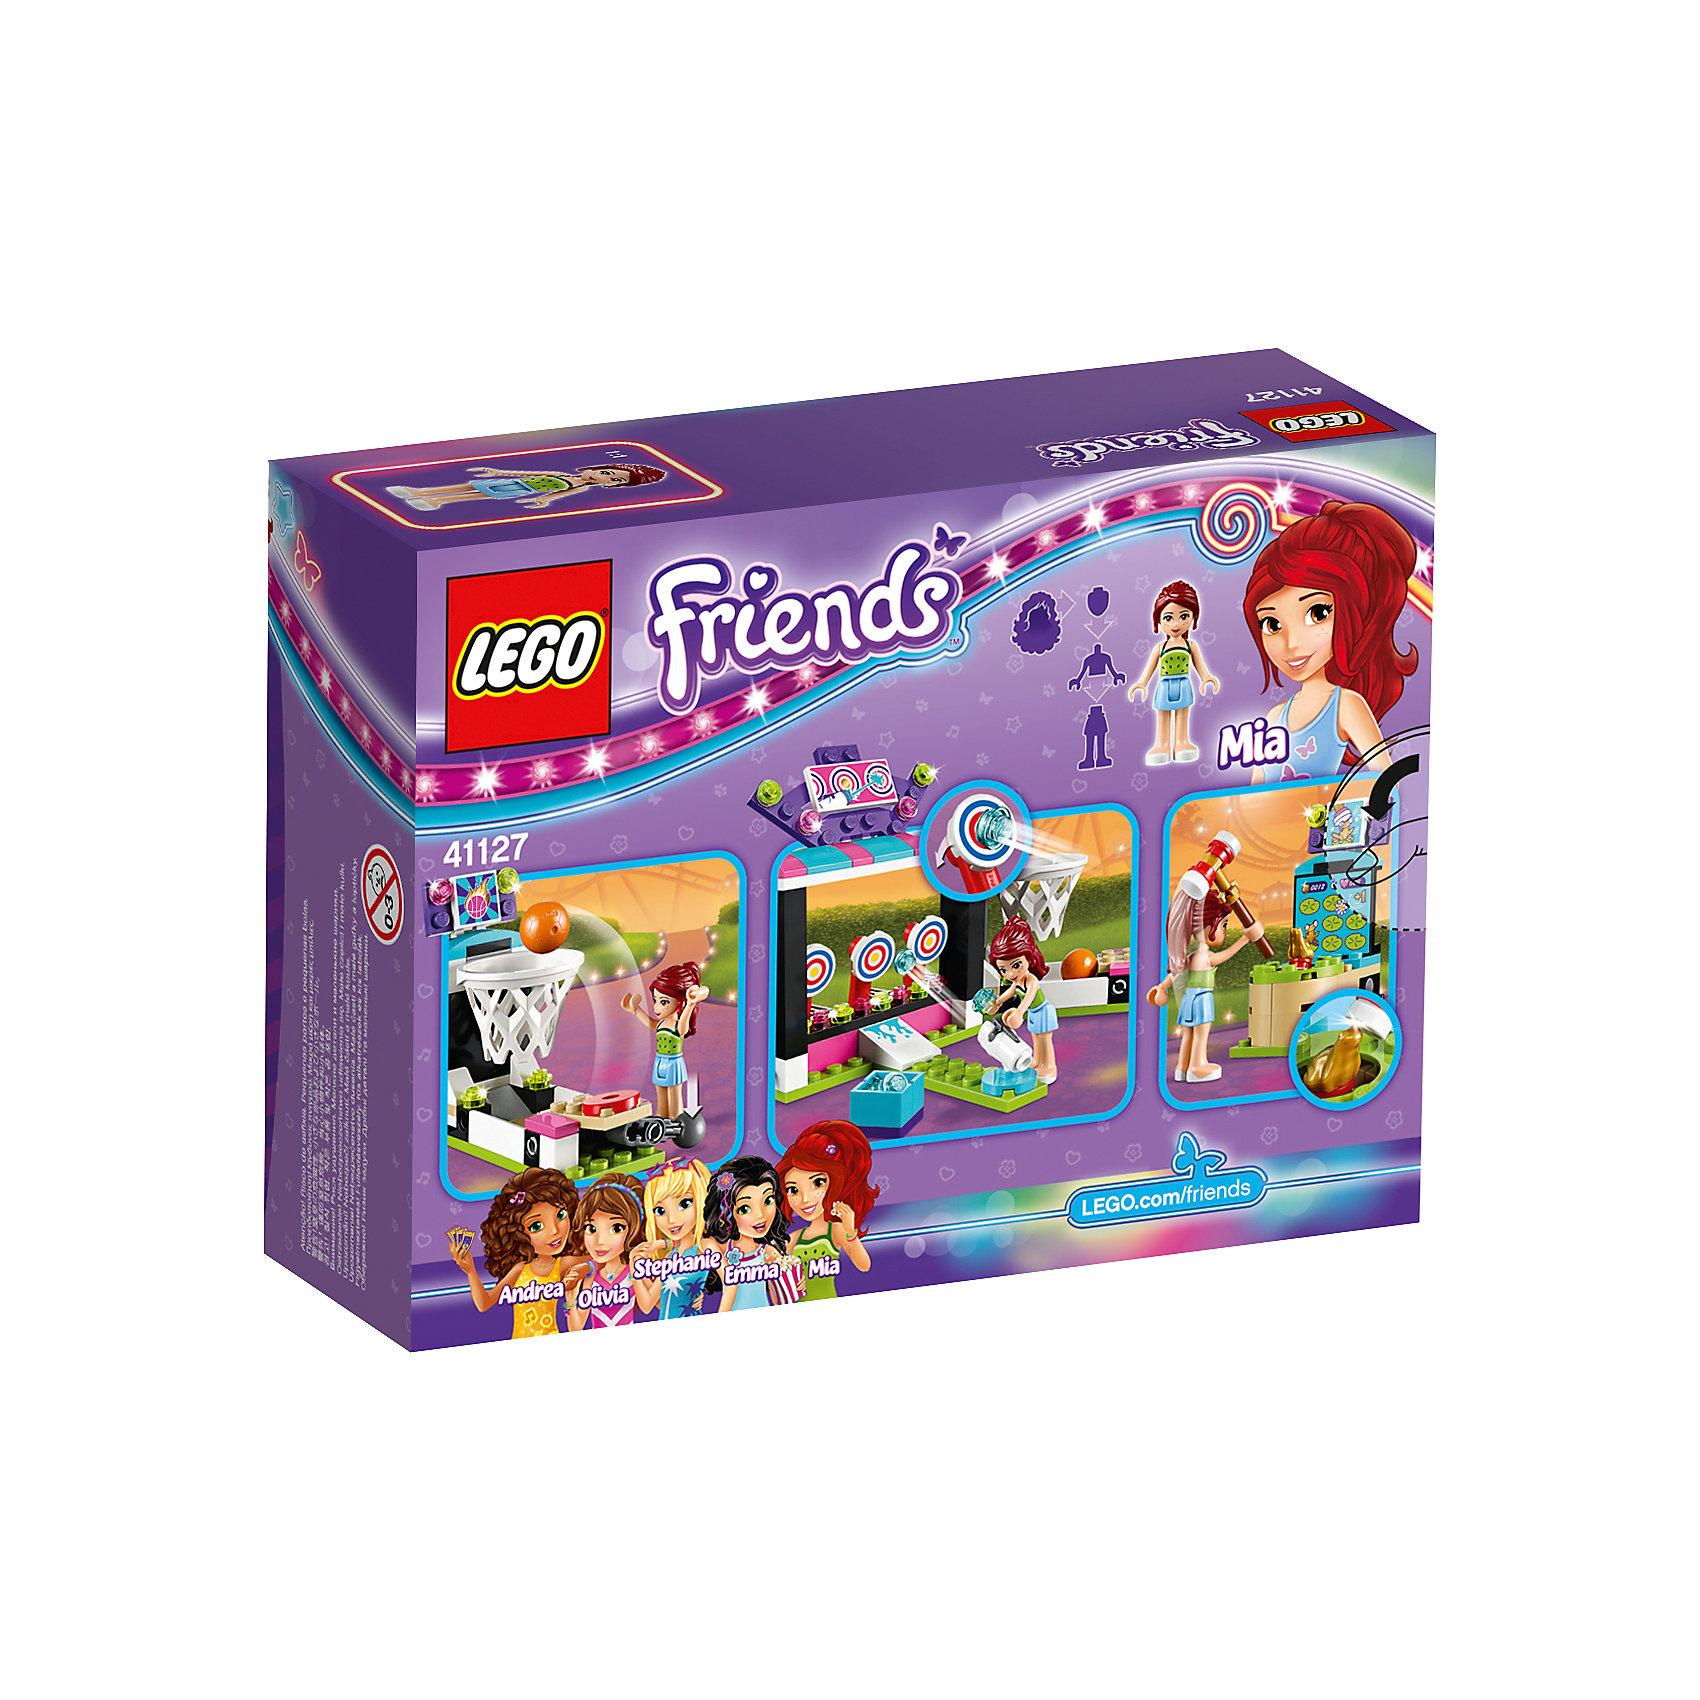 LEGO Friends 41127: Парк развлечений: игровые автоматы от myToys